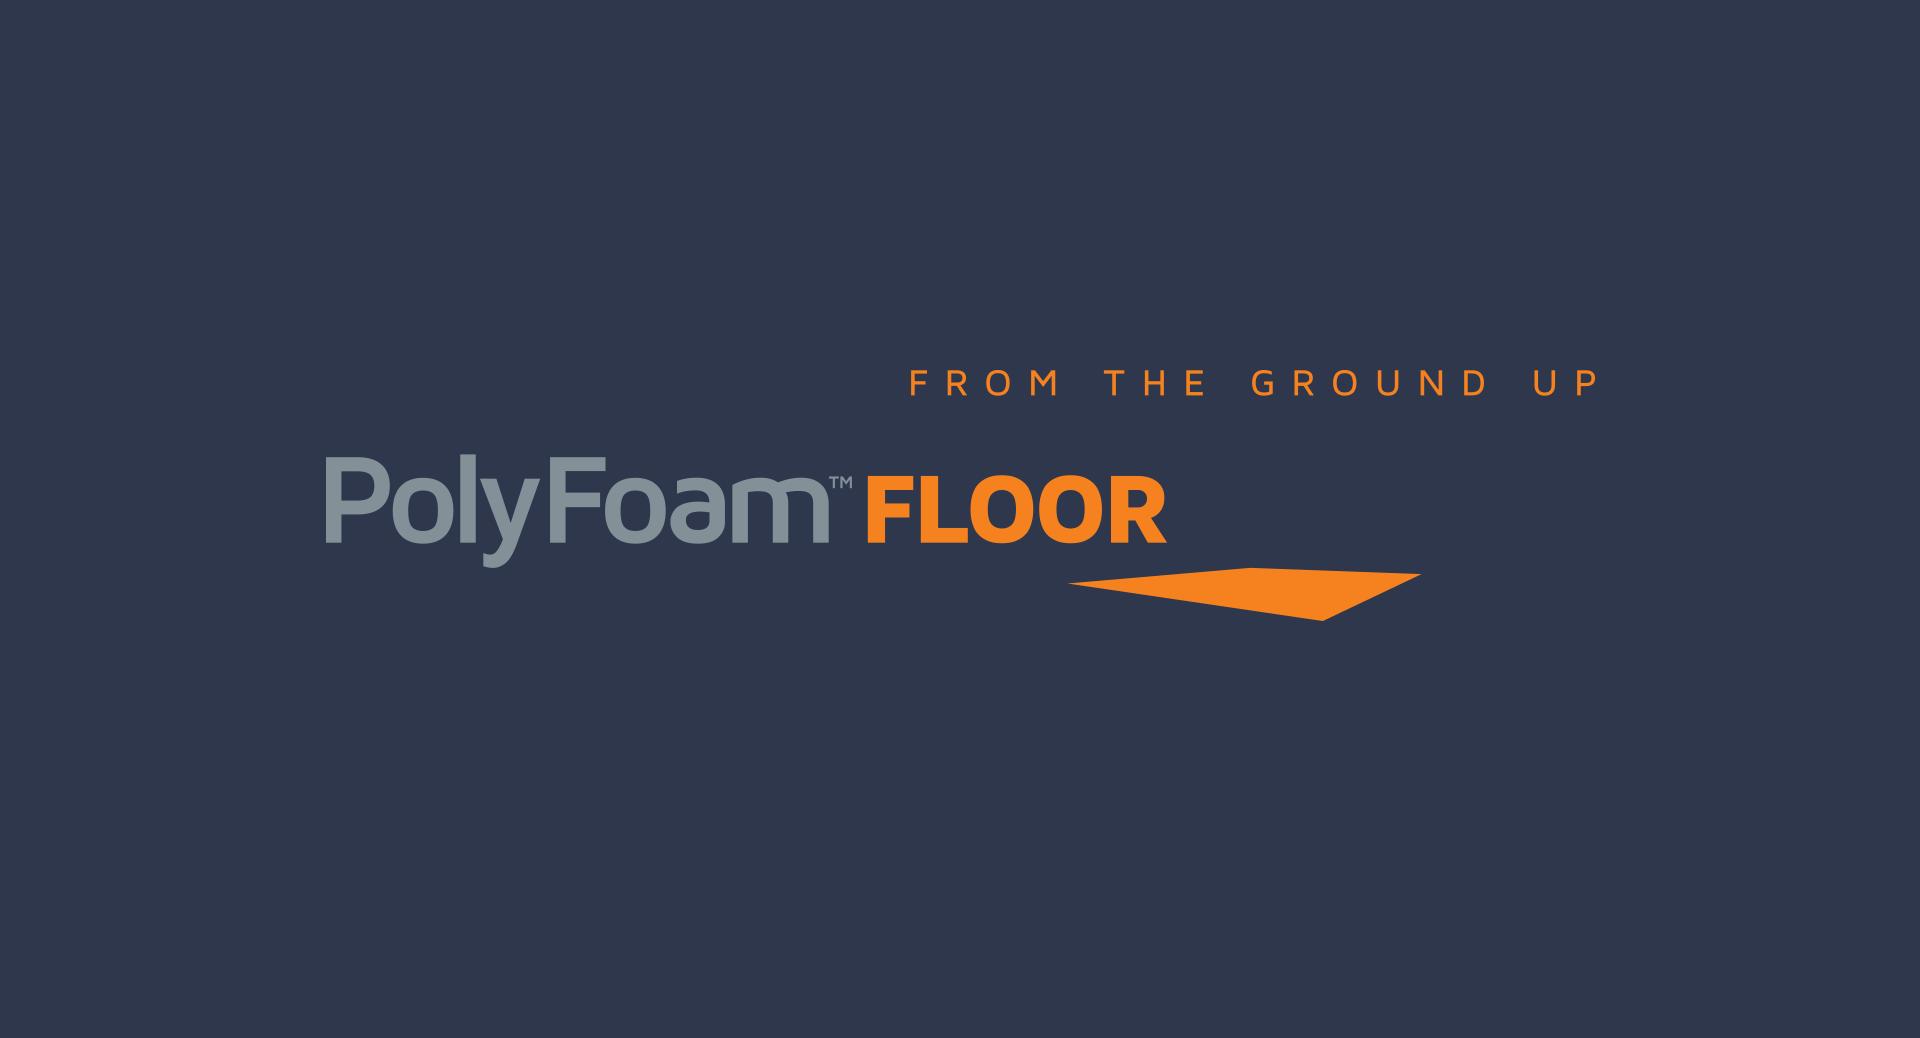 Polyfoam branding